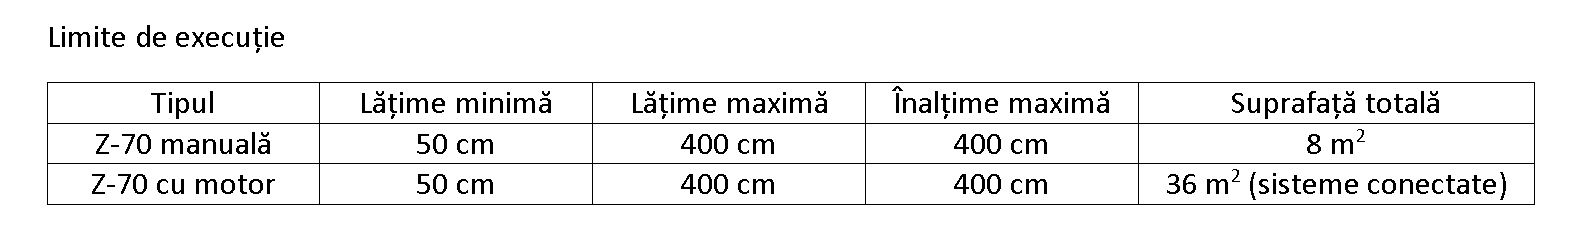 Limite executie tabel Z70